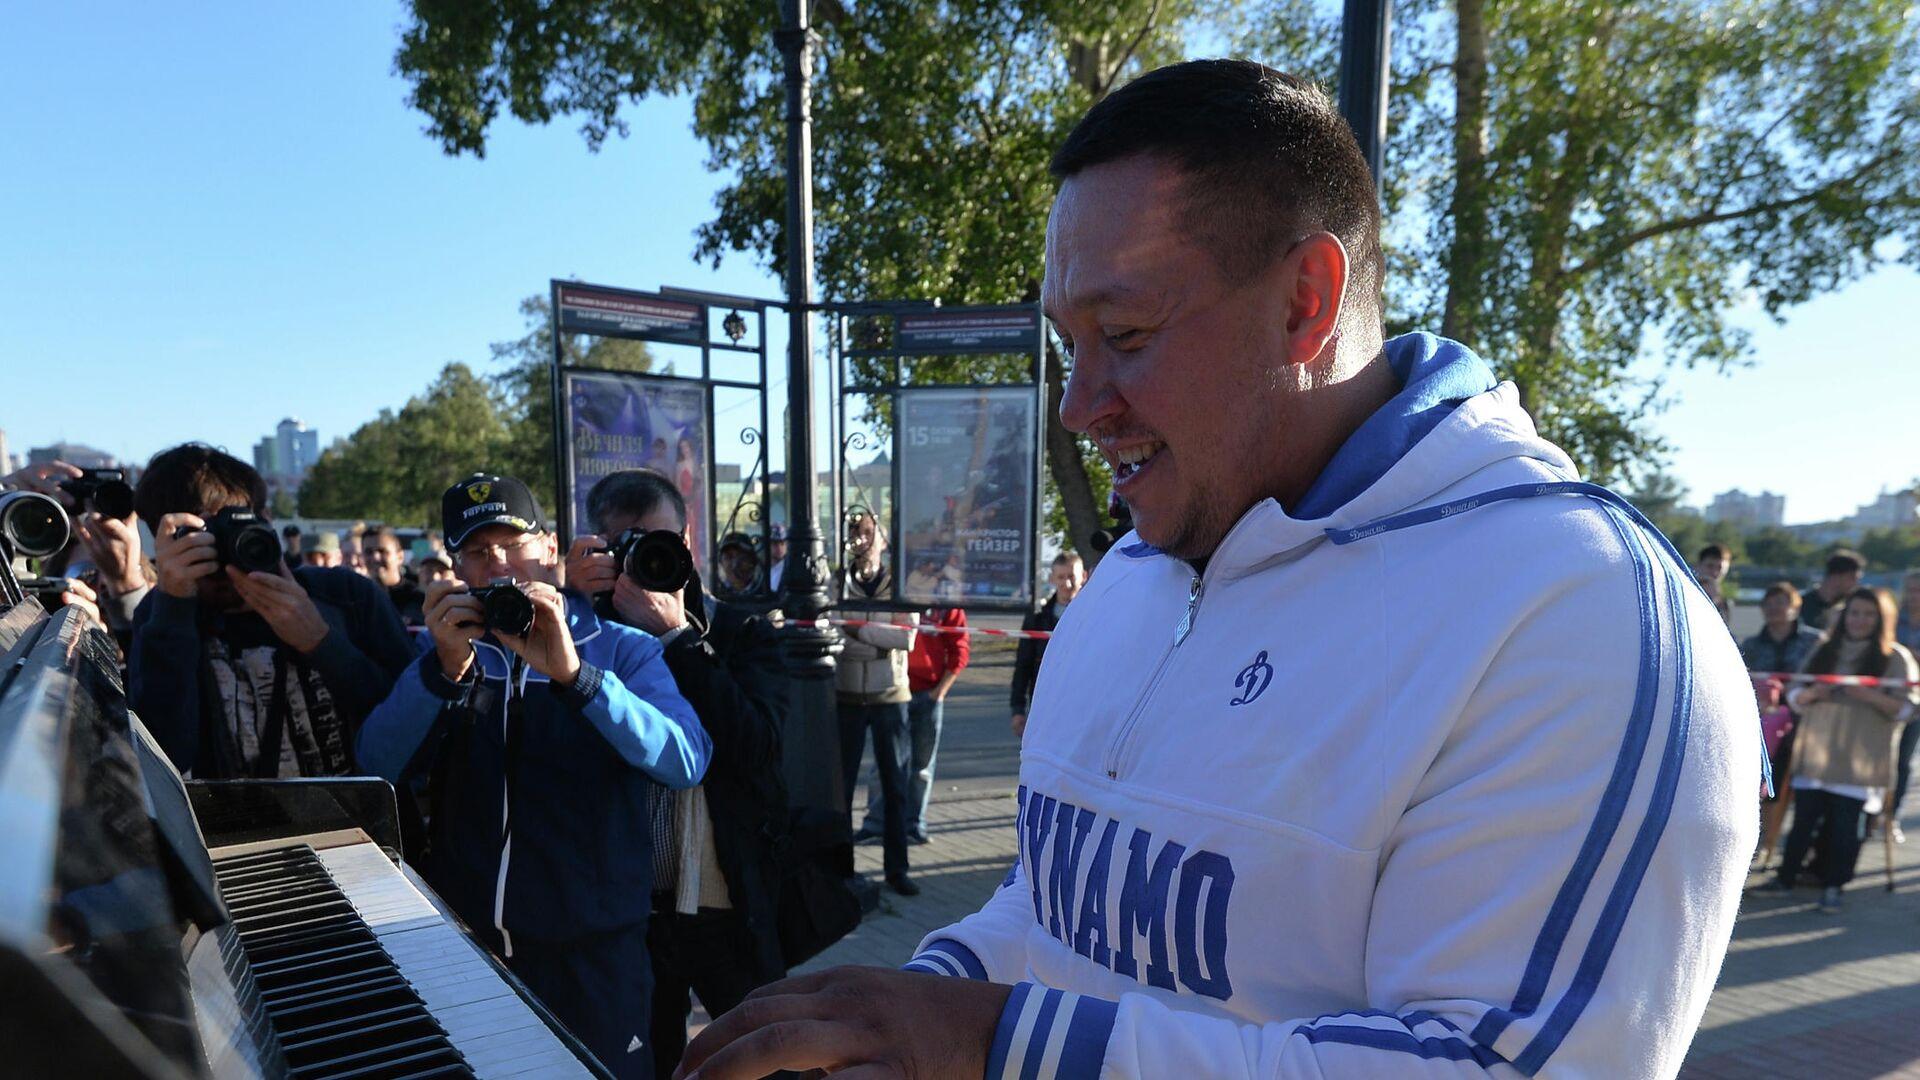 Челябинский силач Эльбрус Нигматуллин установил мировой рекорд - РИА Новости, 1920, 10.02.2021